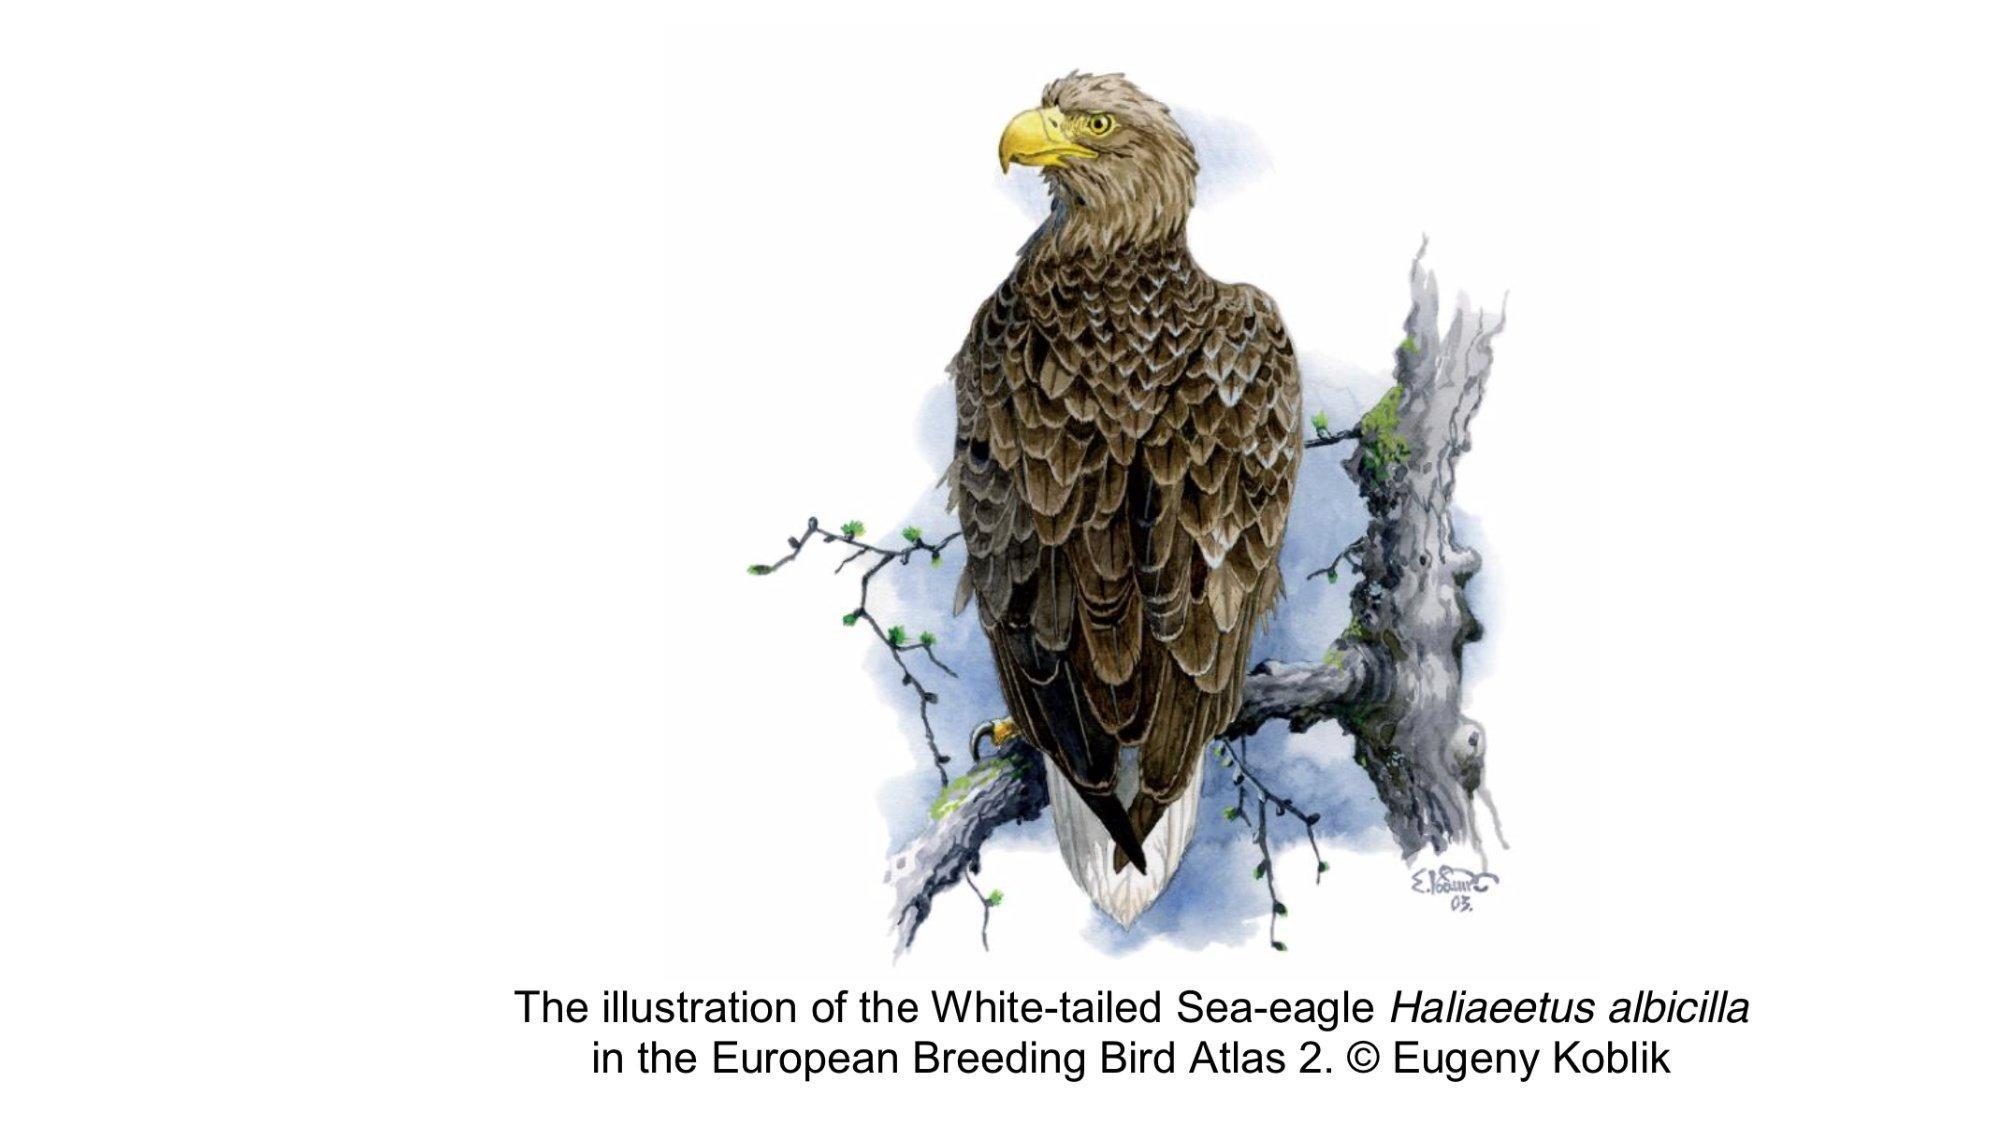 Zeichnung eines Seeadlers aus dem neuen Europäischen Brutvogelatlas.